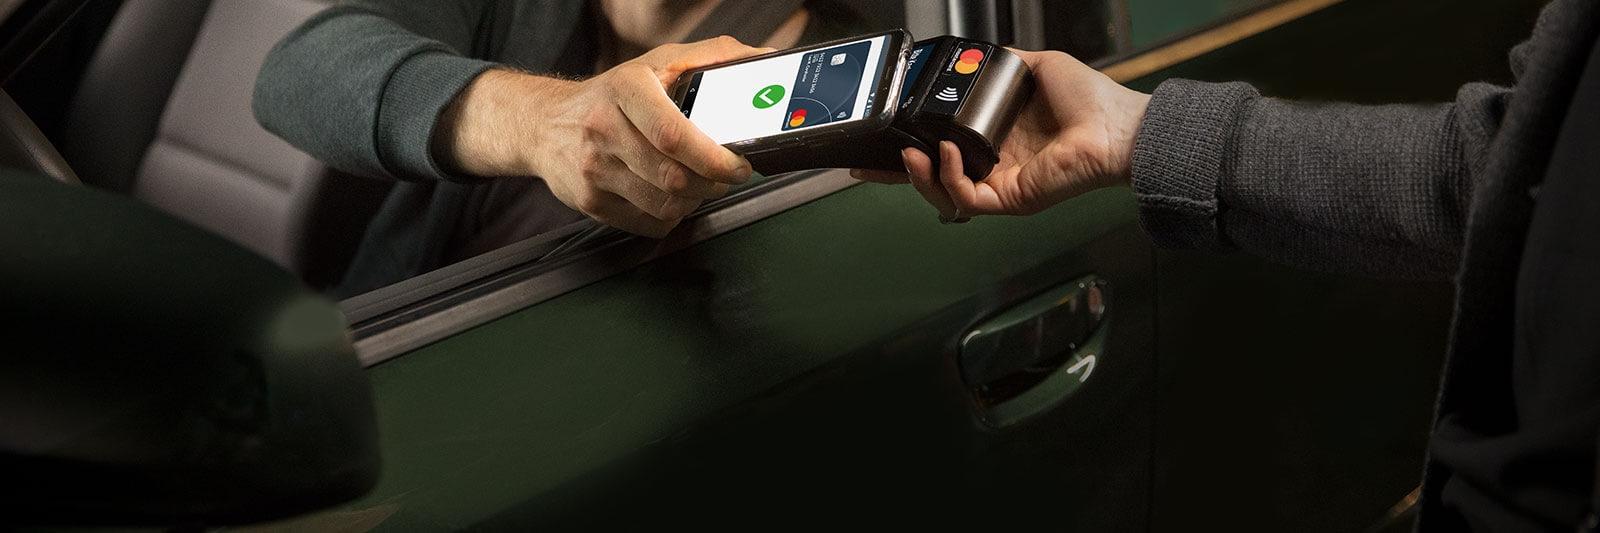 4-те най-добри мобилни портфейла в България – плащай бързо, сигурно и модерно